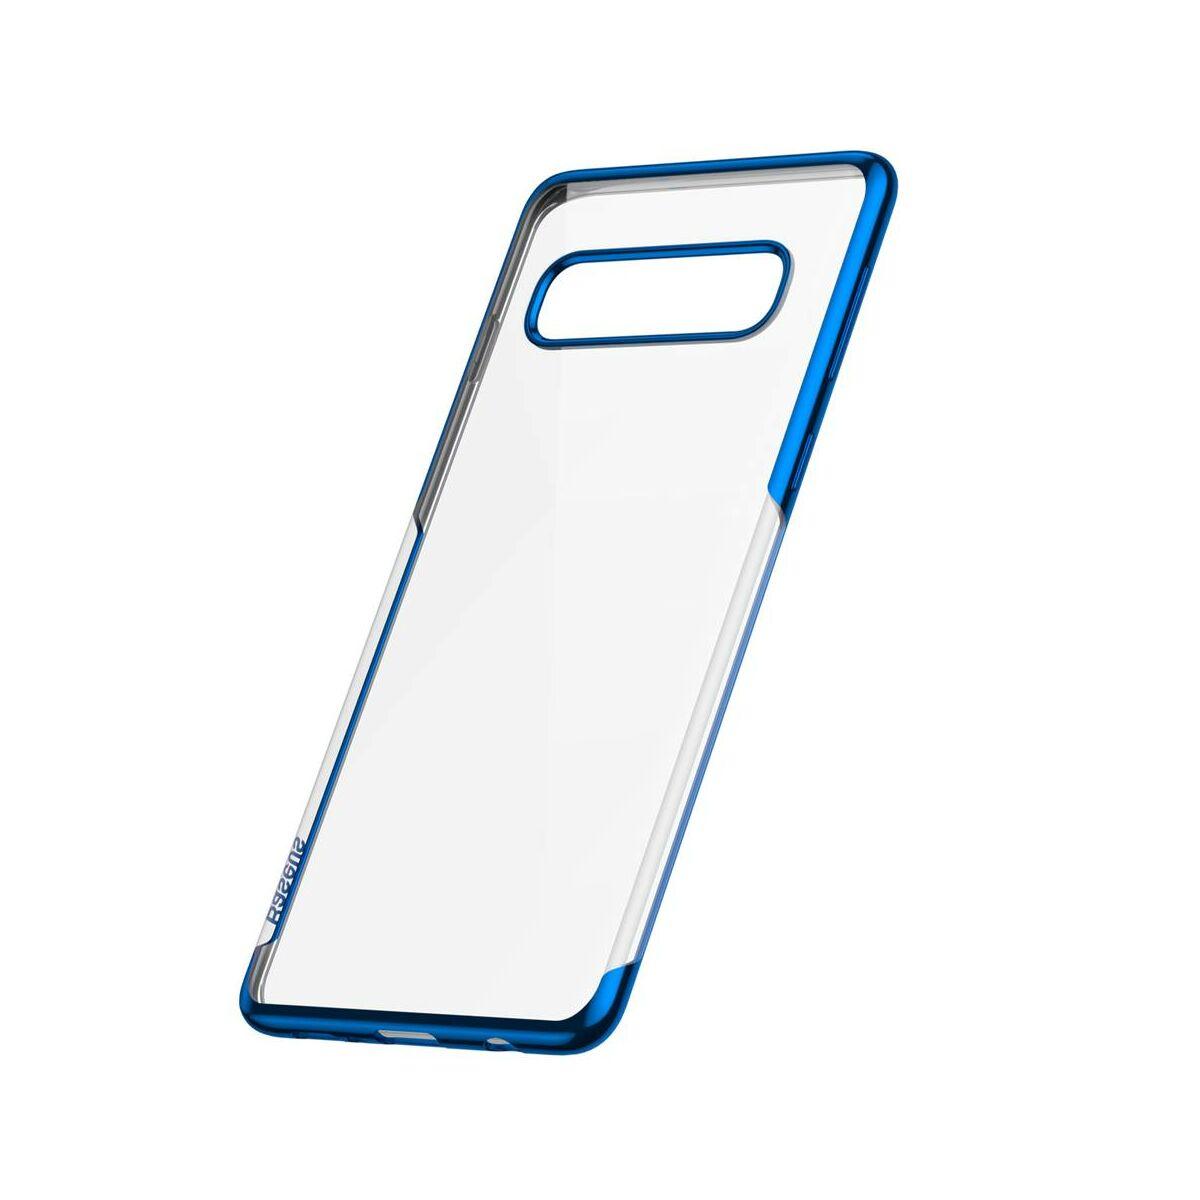 Baseus Samsung S10 tok, Simple, kék (ARSAS10-MD03)